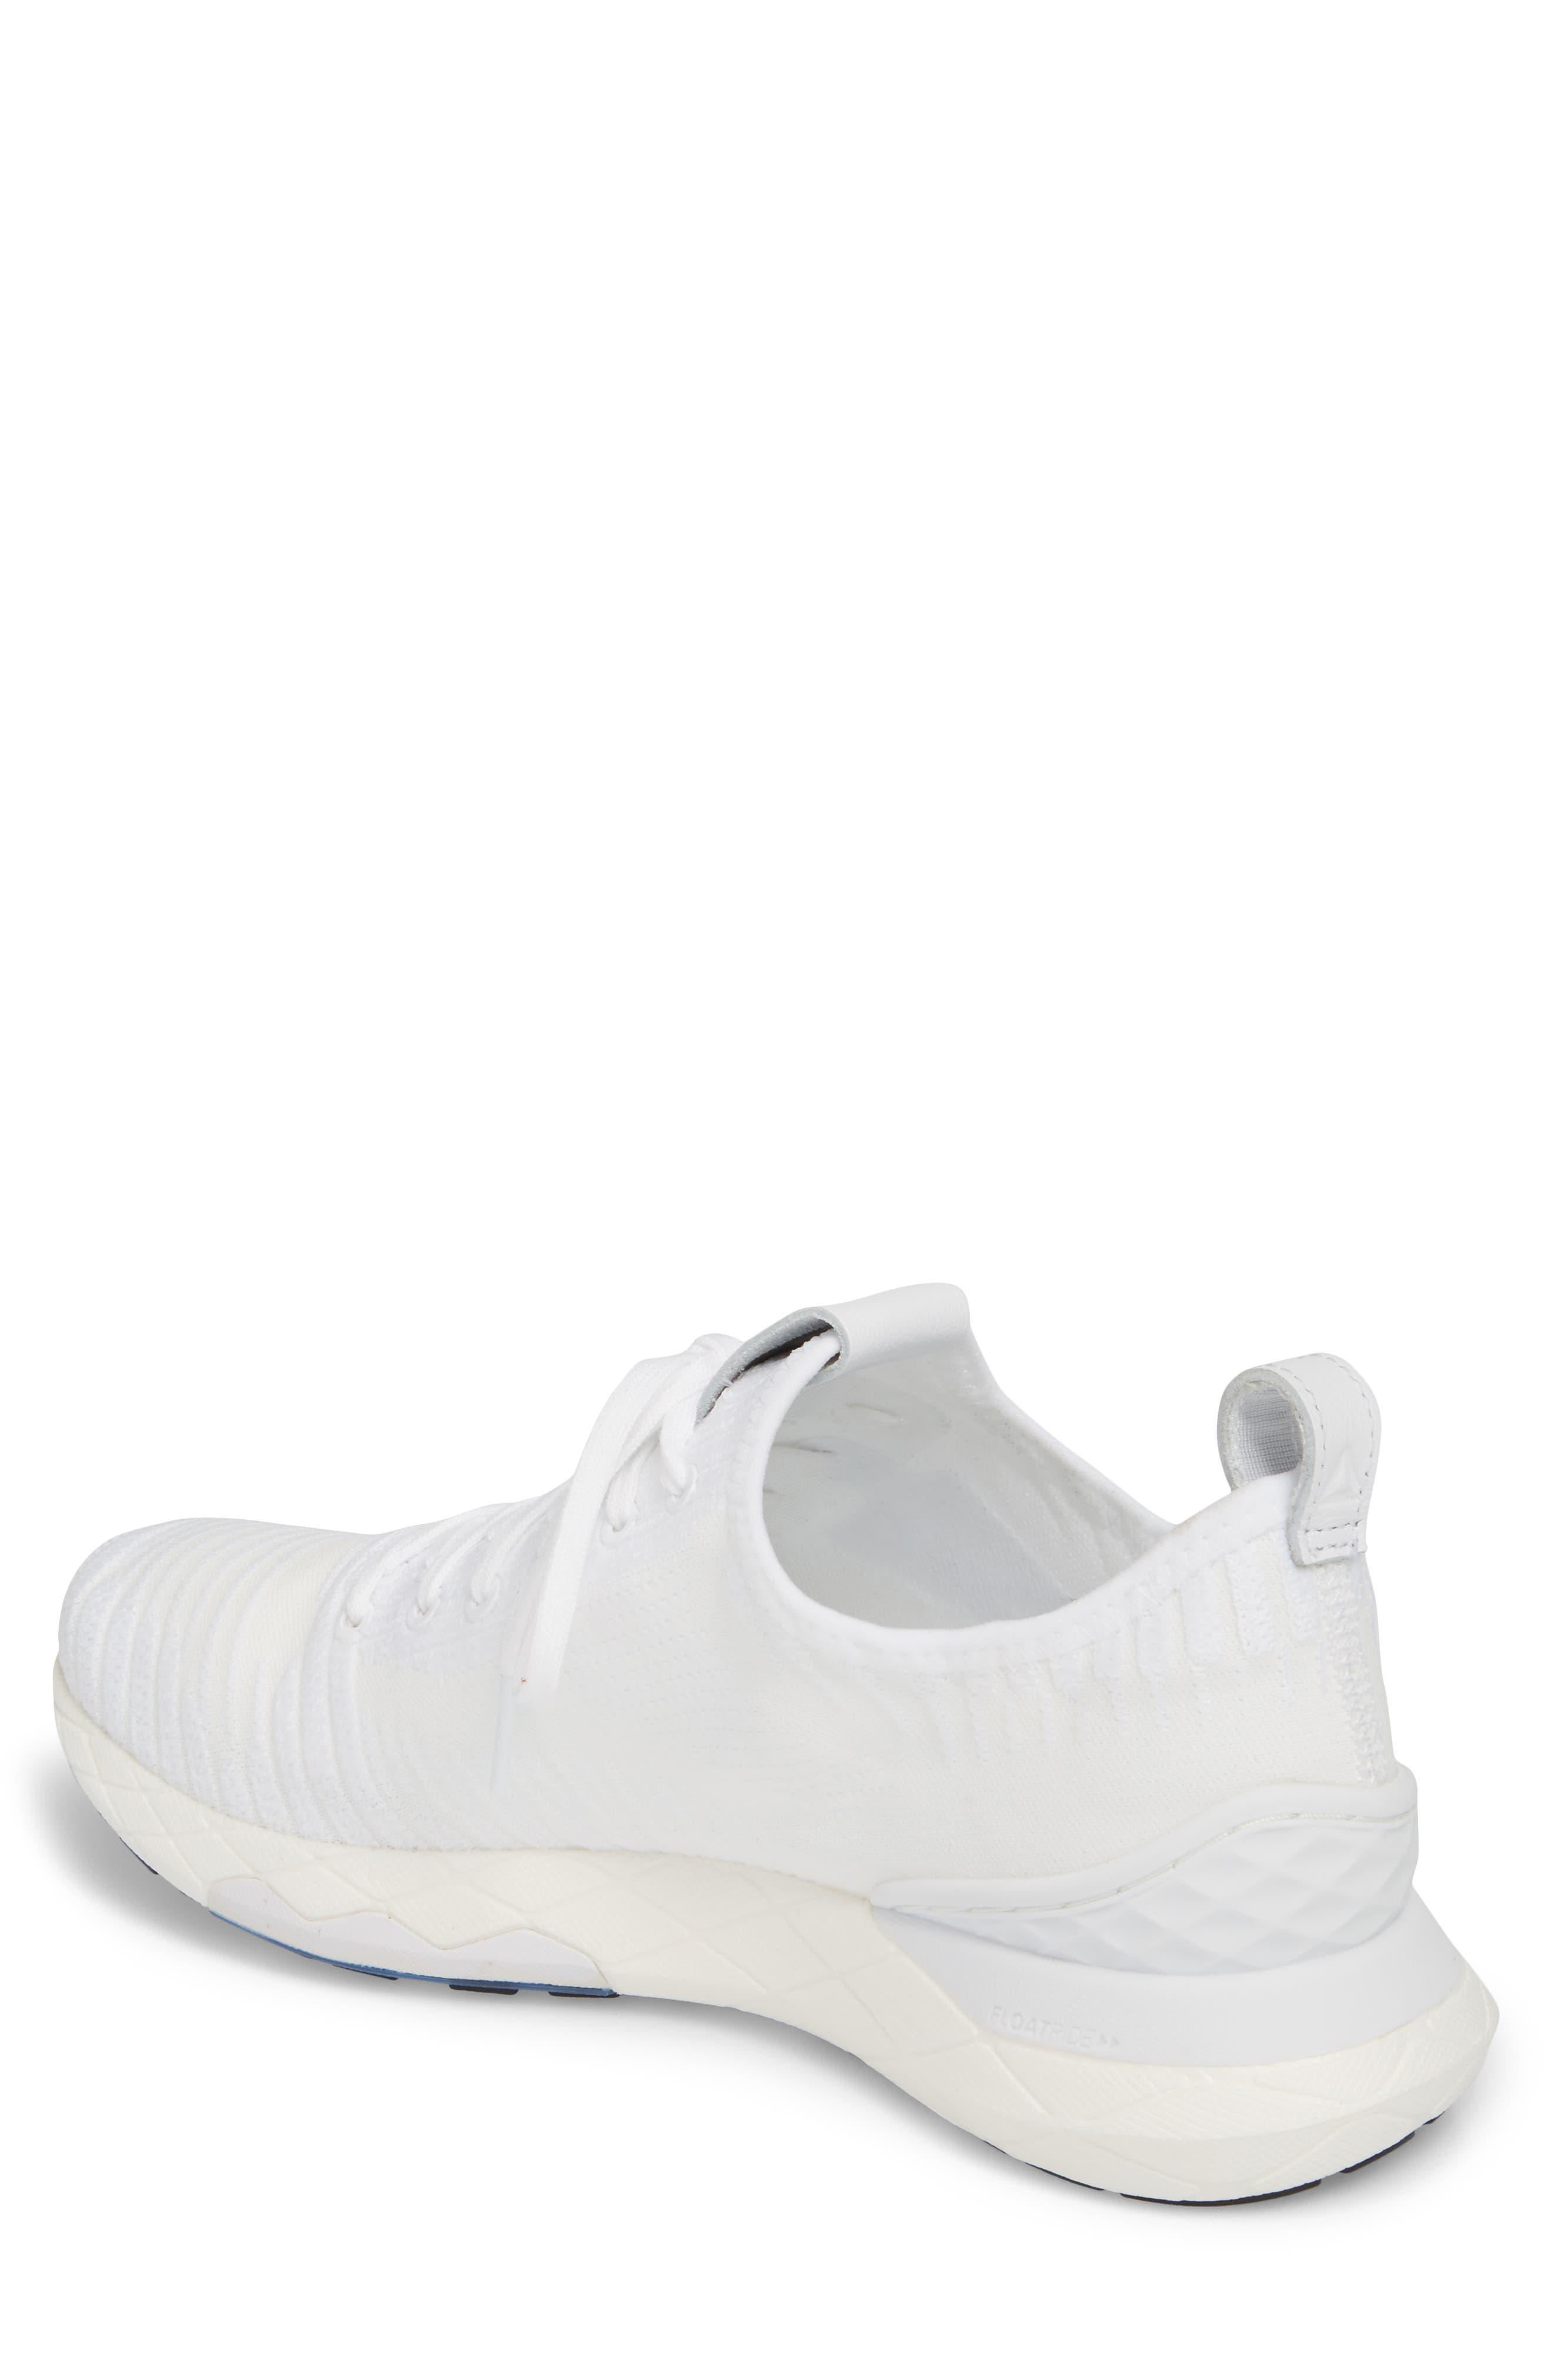 Floatride Run 6000 Running Shoe,                             Alternate thumbnail 2, color,                             White